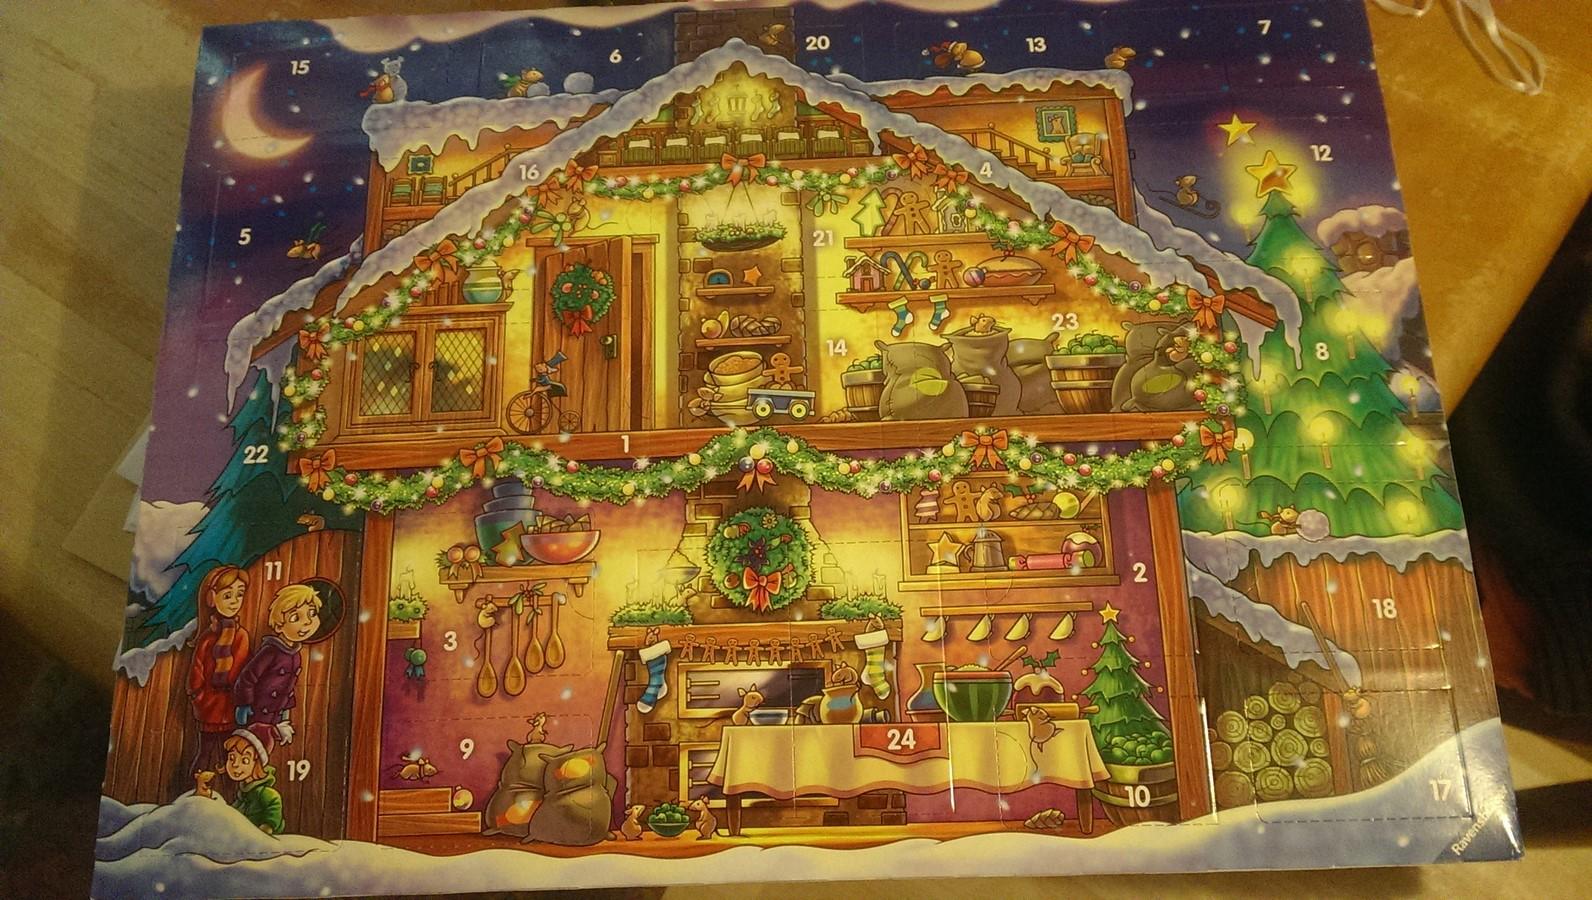 Weihnachtskalender Tiptoi.Ravensburger Tiptoi Adventskalender 2015 In Der